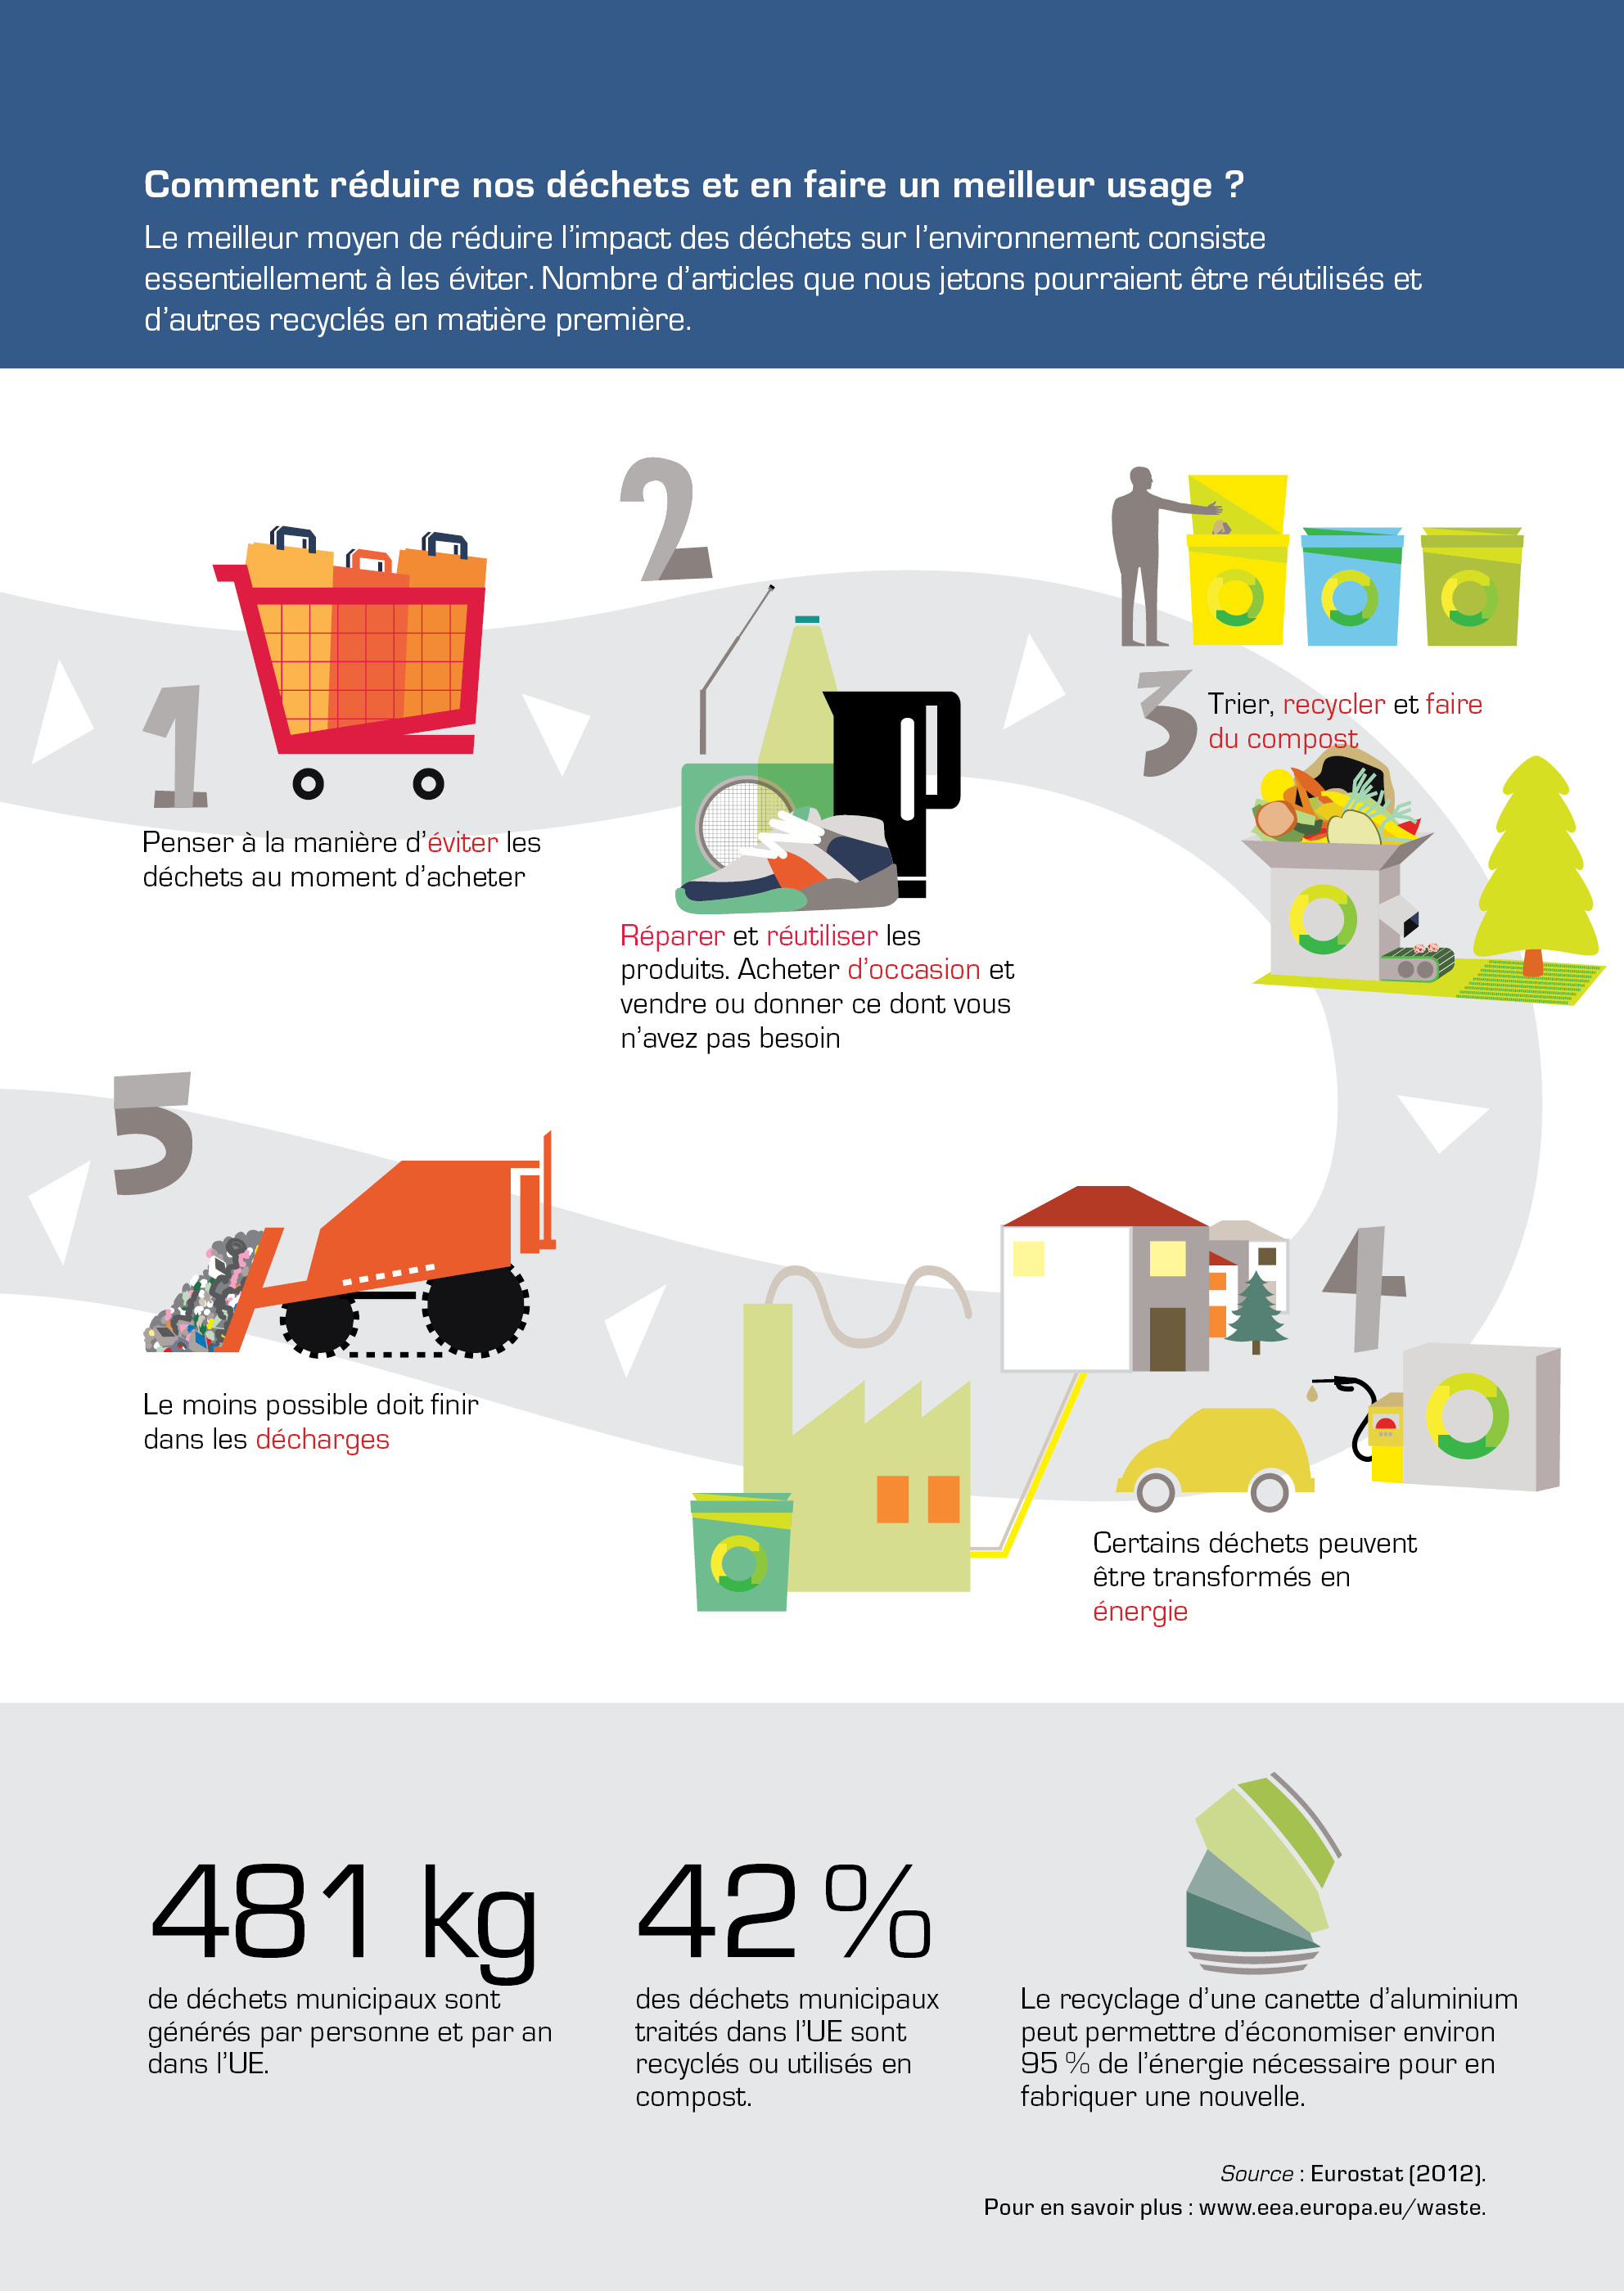 Comment réduire nos déchets et en faire un meilleur usage ?